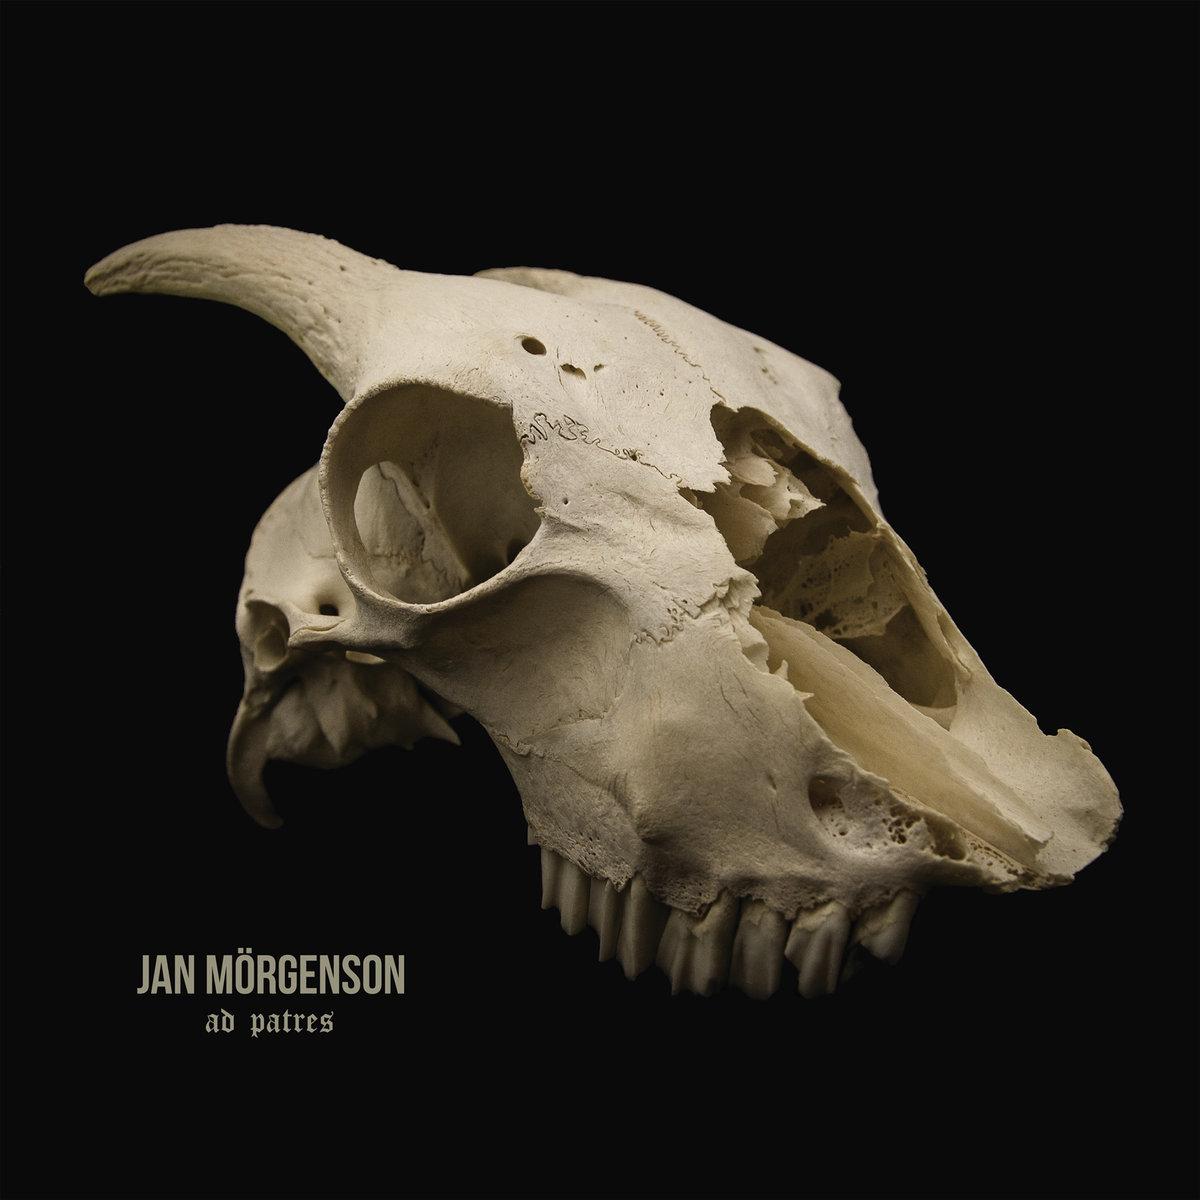 JAN MÖRGENSON - Ad Patres